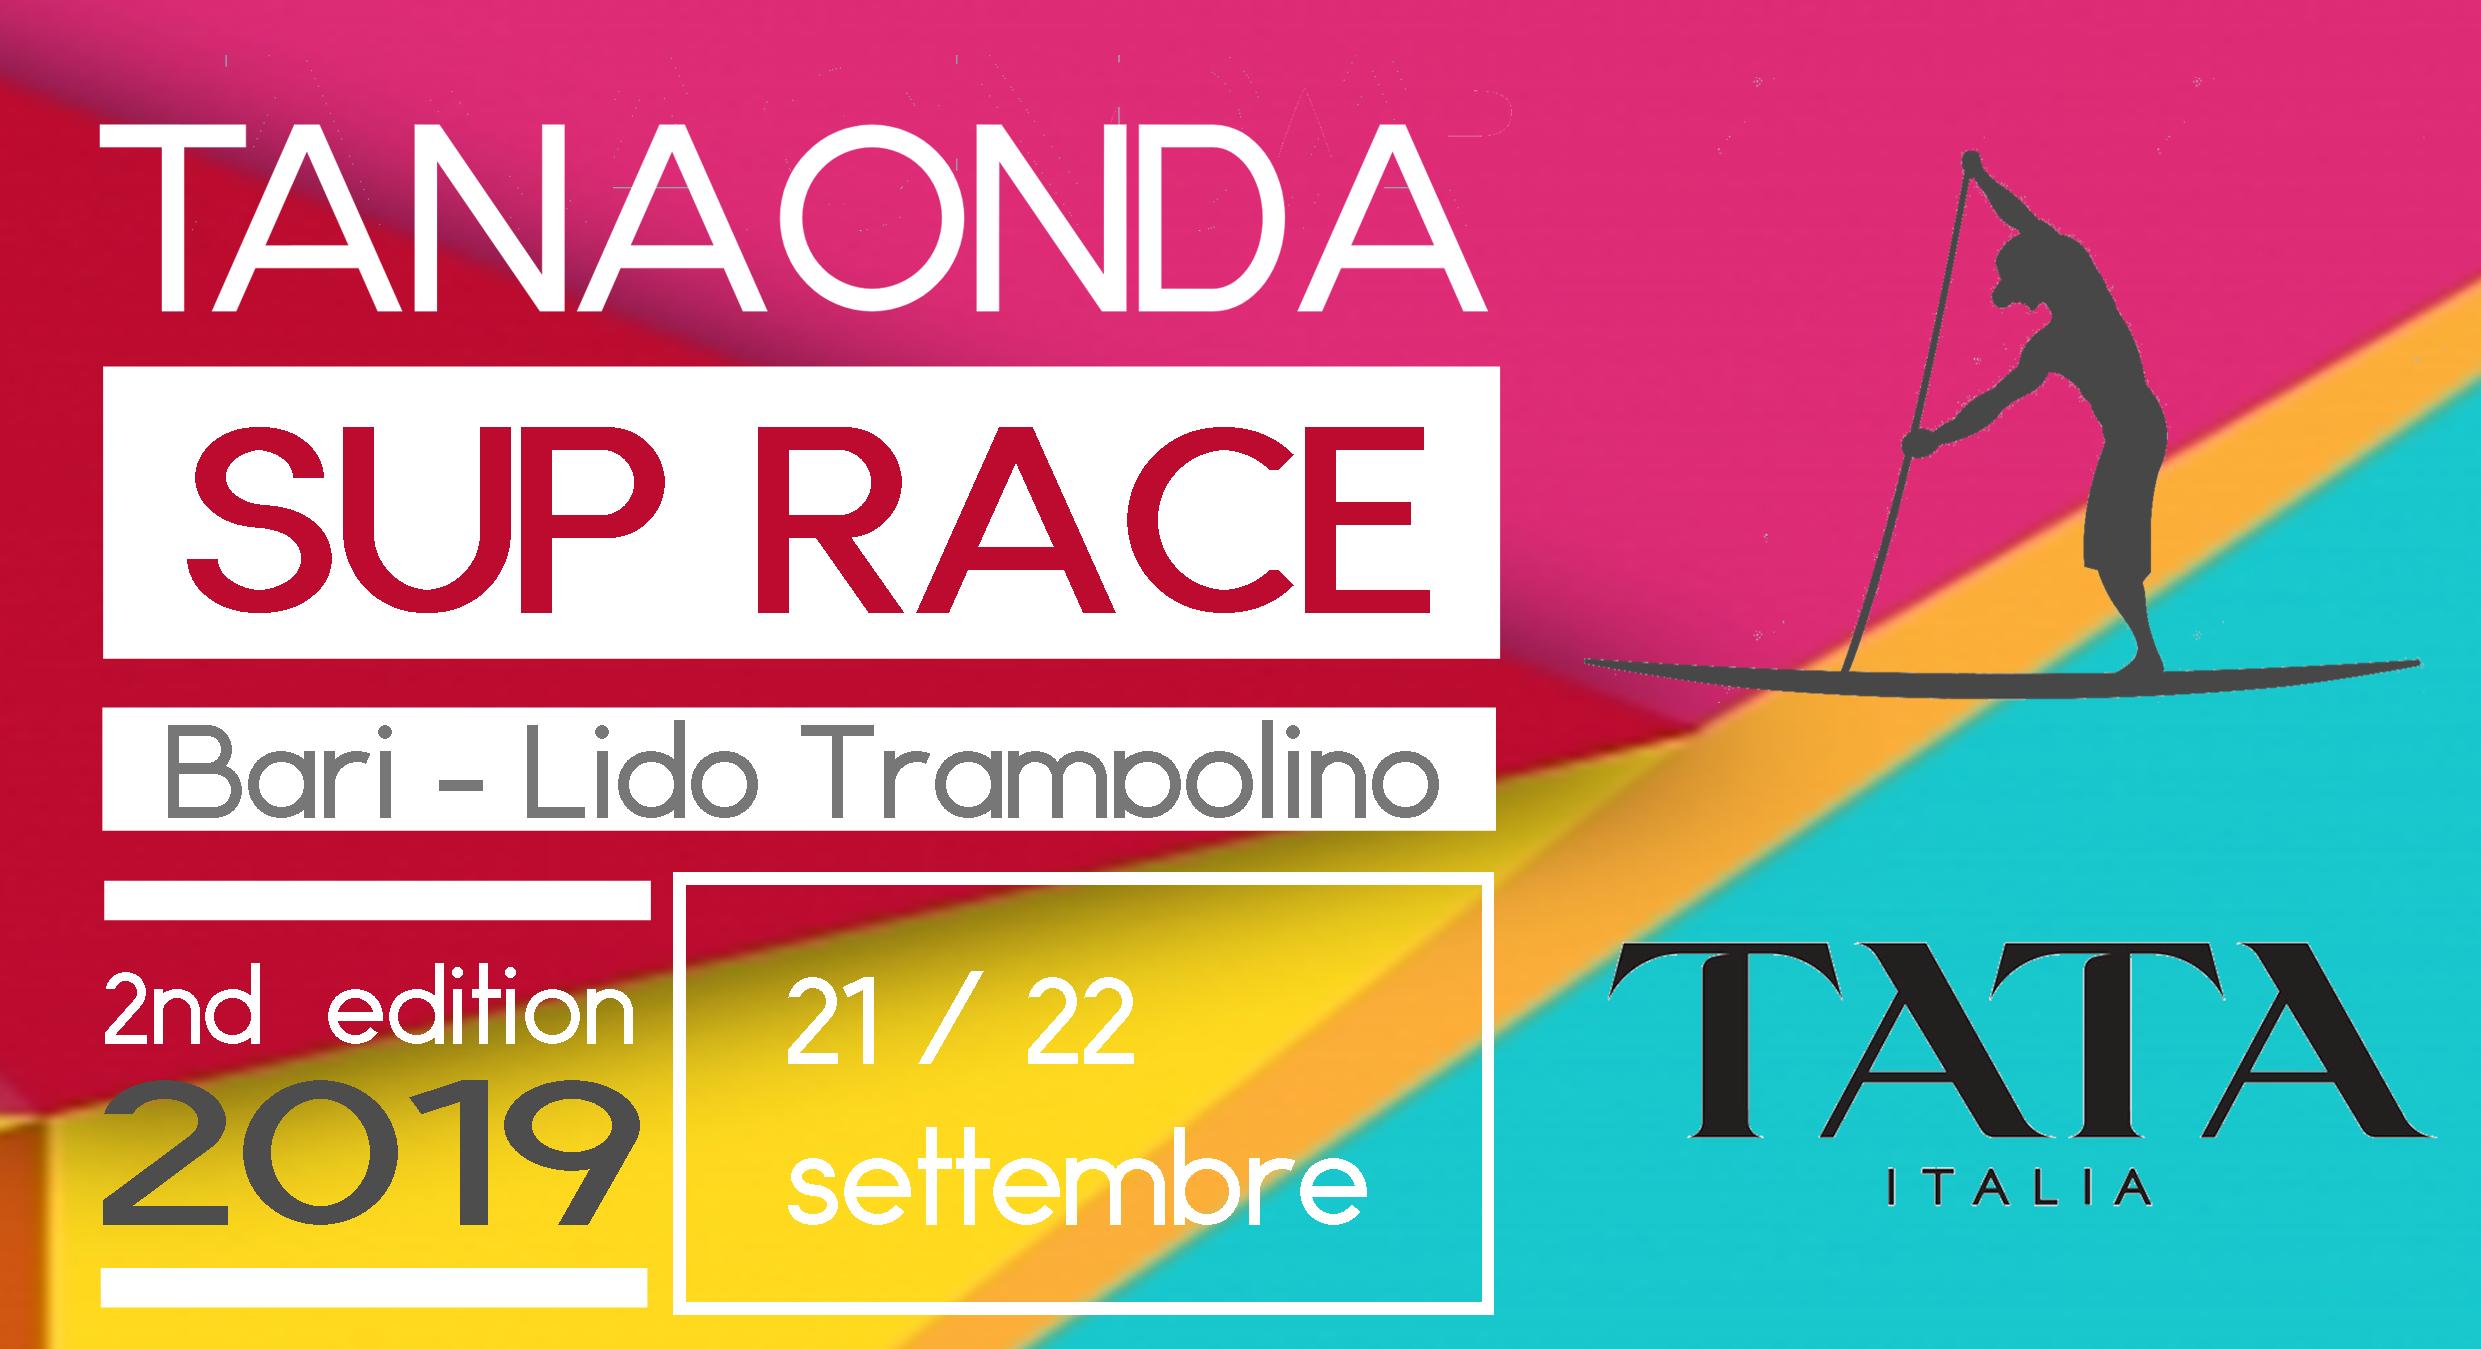 Tanaonda Sup Race 2019 # TATA Italia ancora una volta il nostro Partner